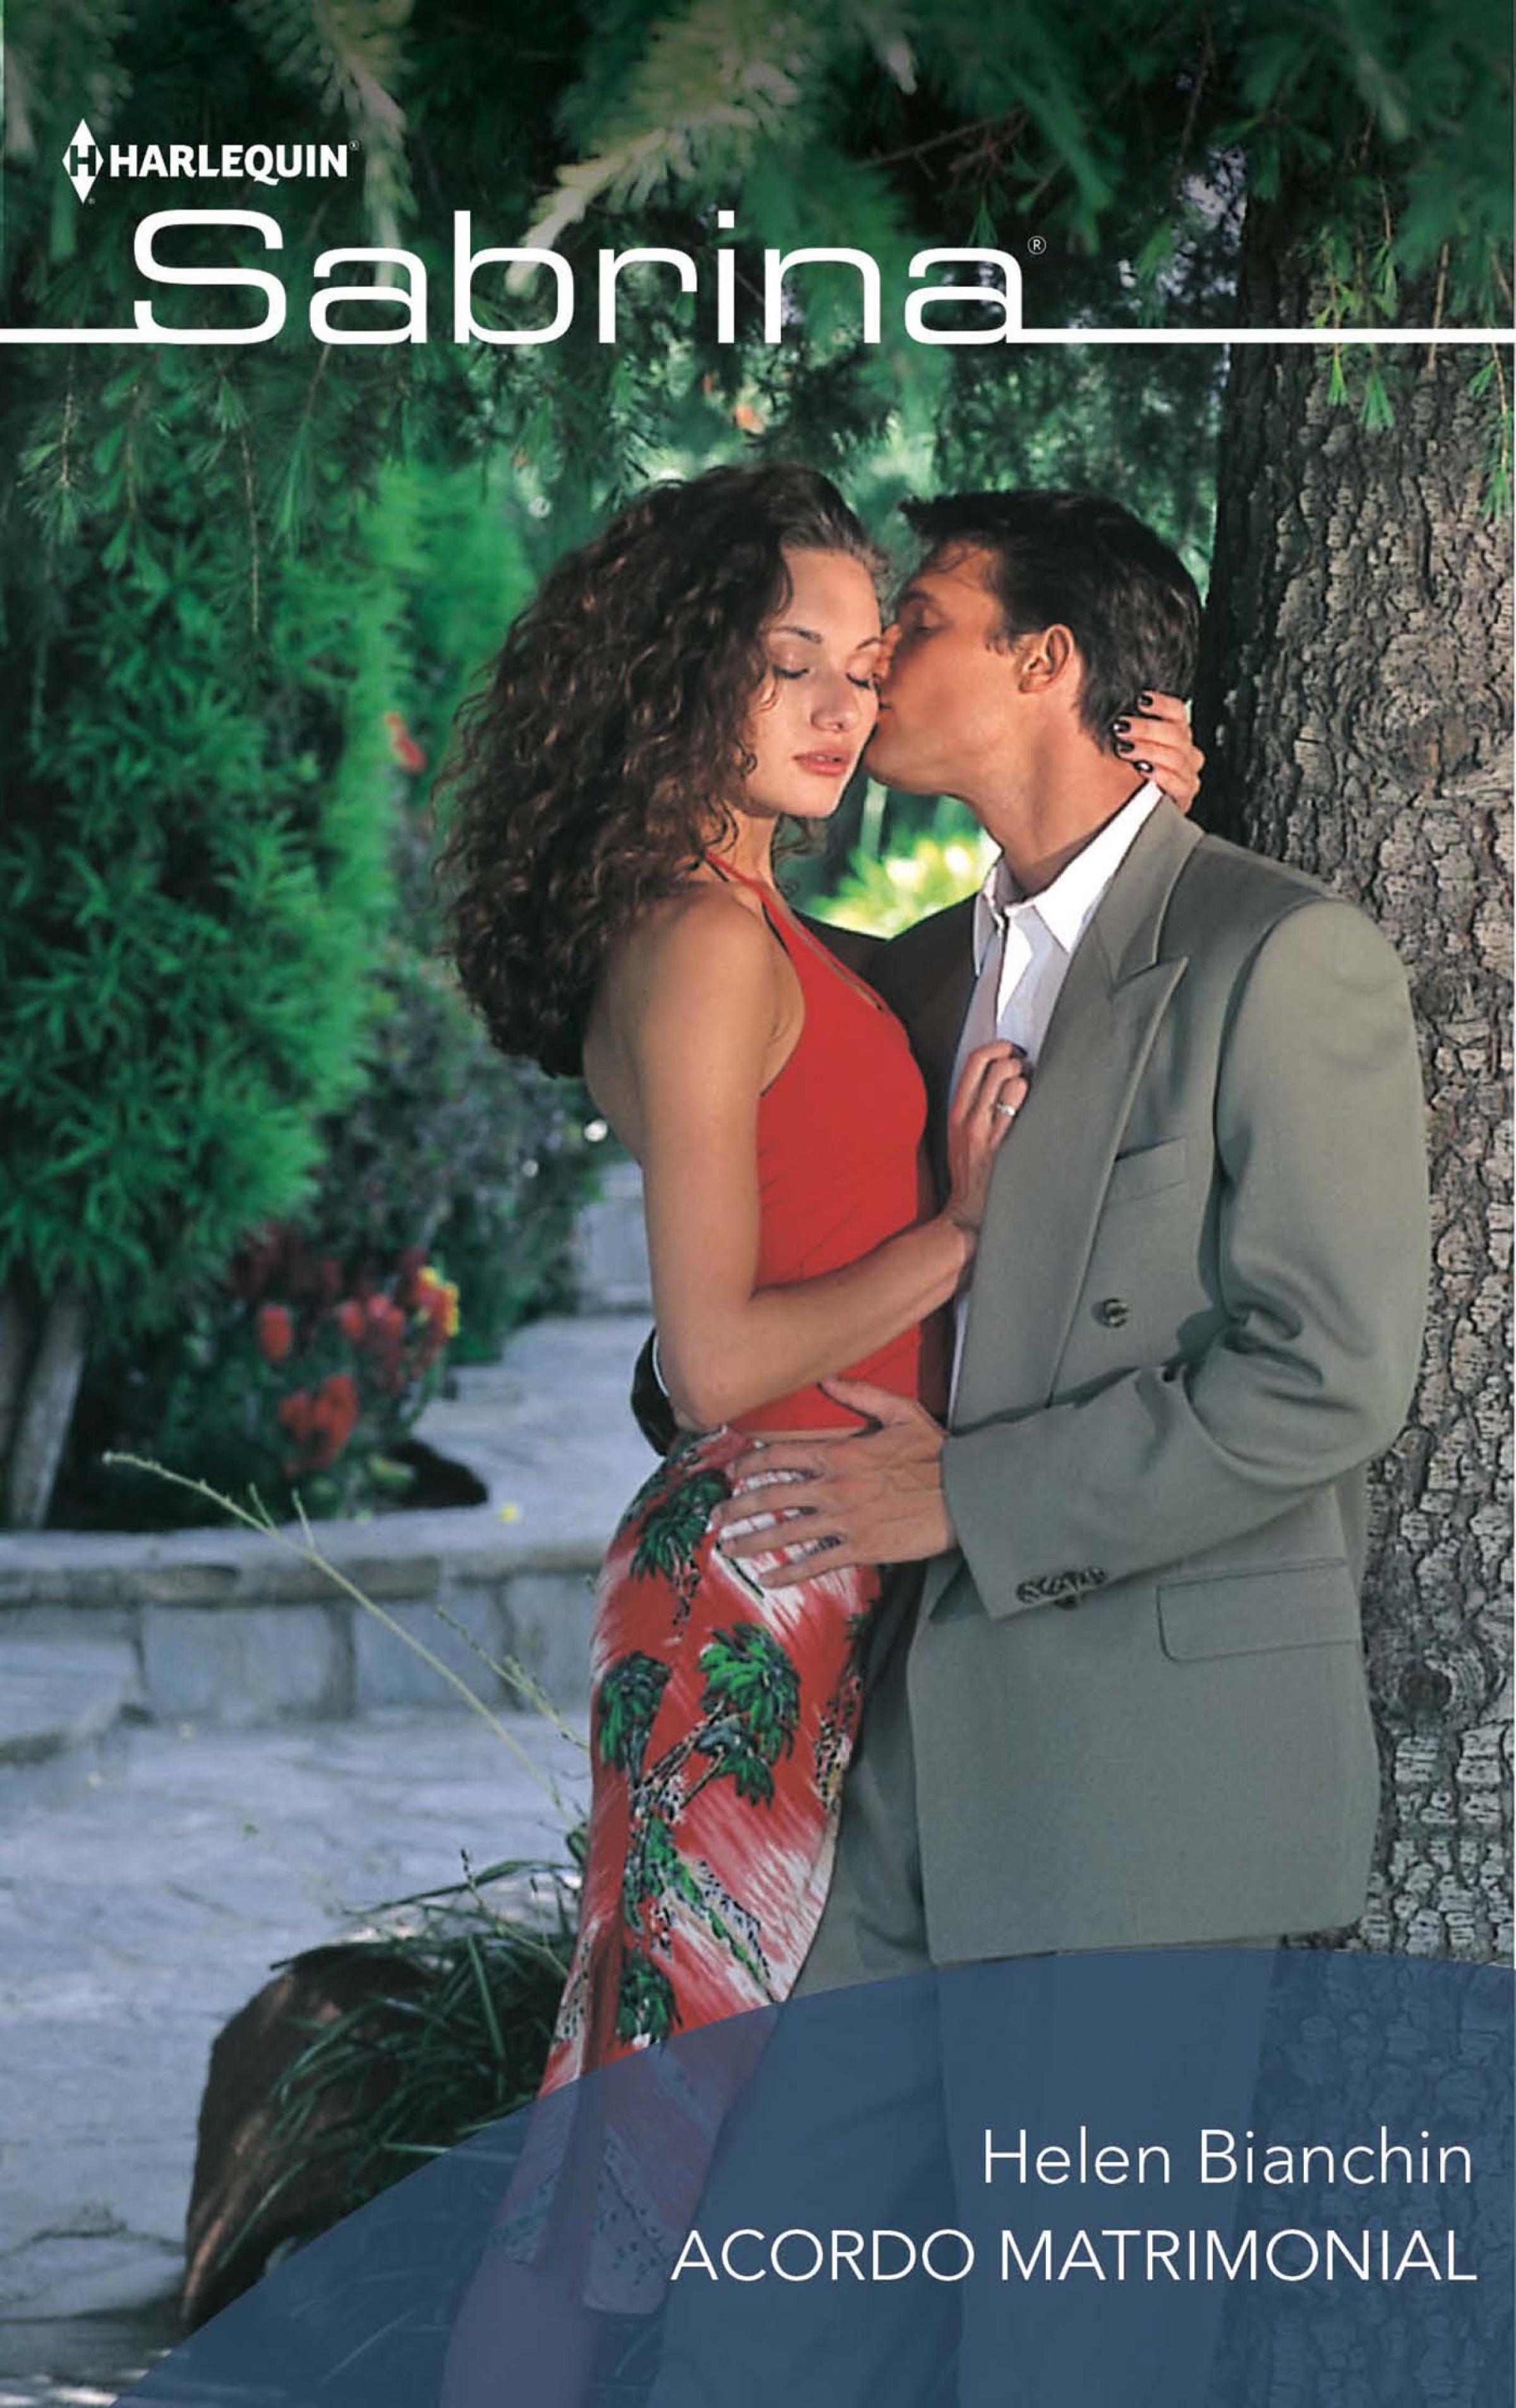 HELEN BIANCHIN Acordo matrimonial helen bianchin the wedding ultimatum